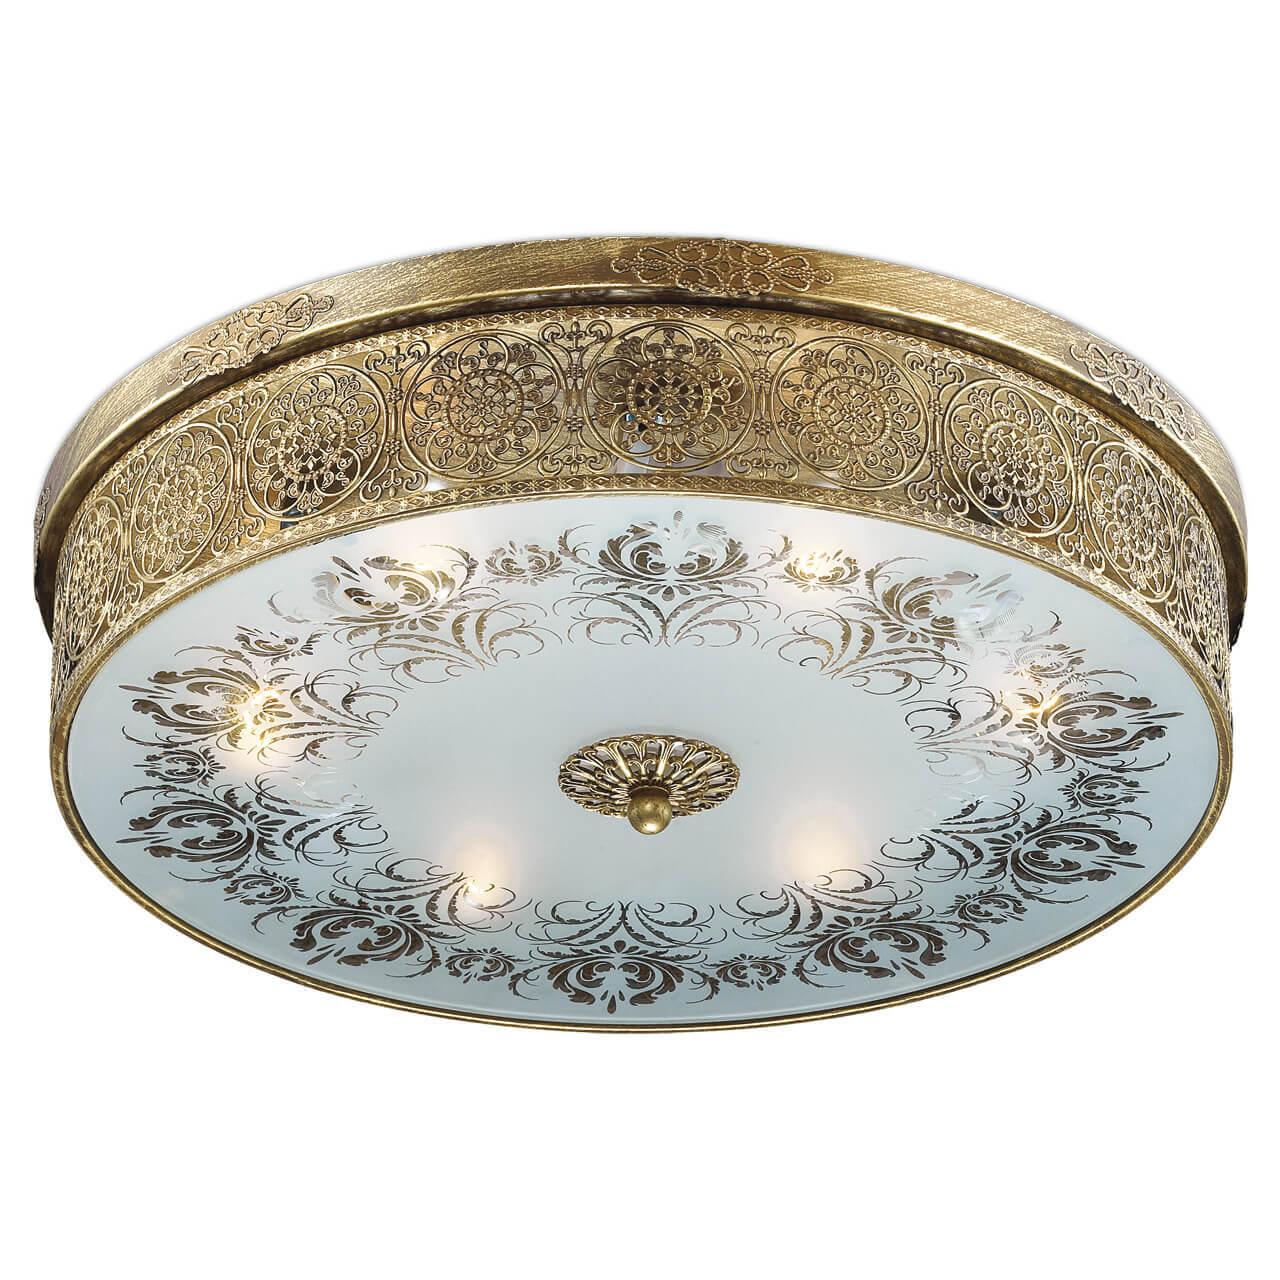 Потолочный светильник Odeon Light Aster 2782/6C светильник настенно потолочный odeon light 2677 6c odl14 427 g9 6 40w 220v palmira золото белый